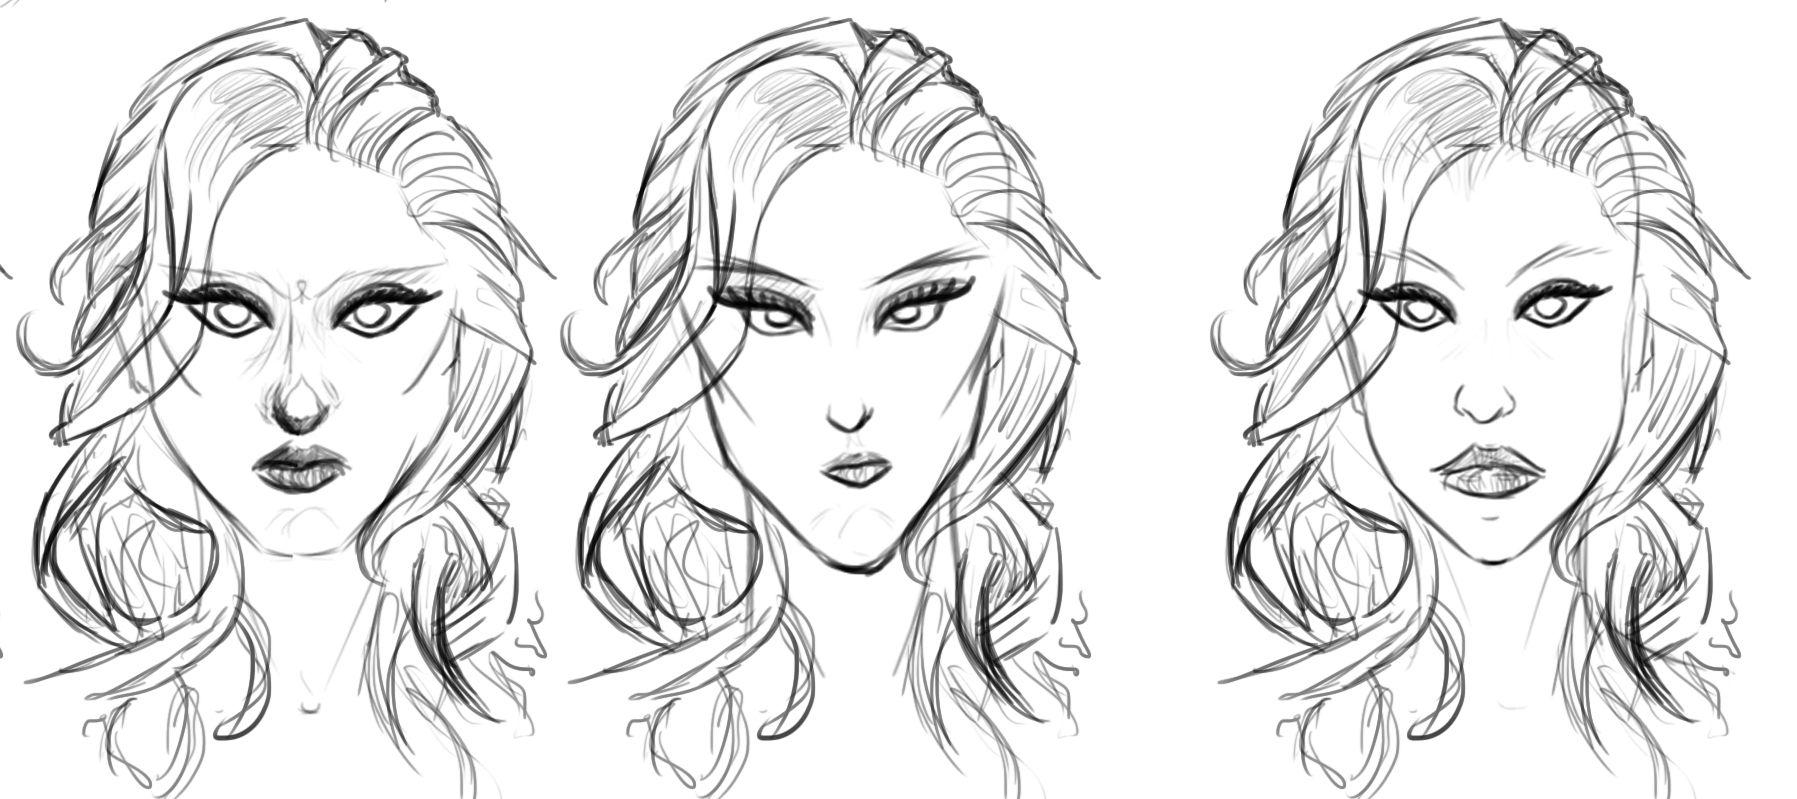 http://kevinguegan.com/tuto-creations-de-visages-feminins-style-bd/